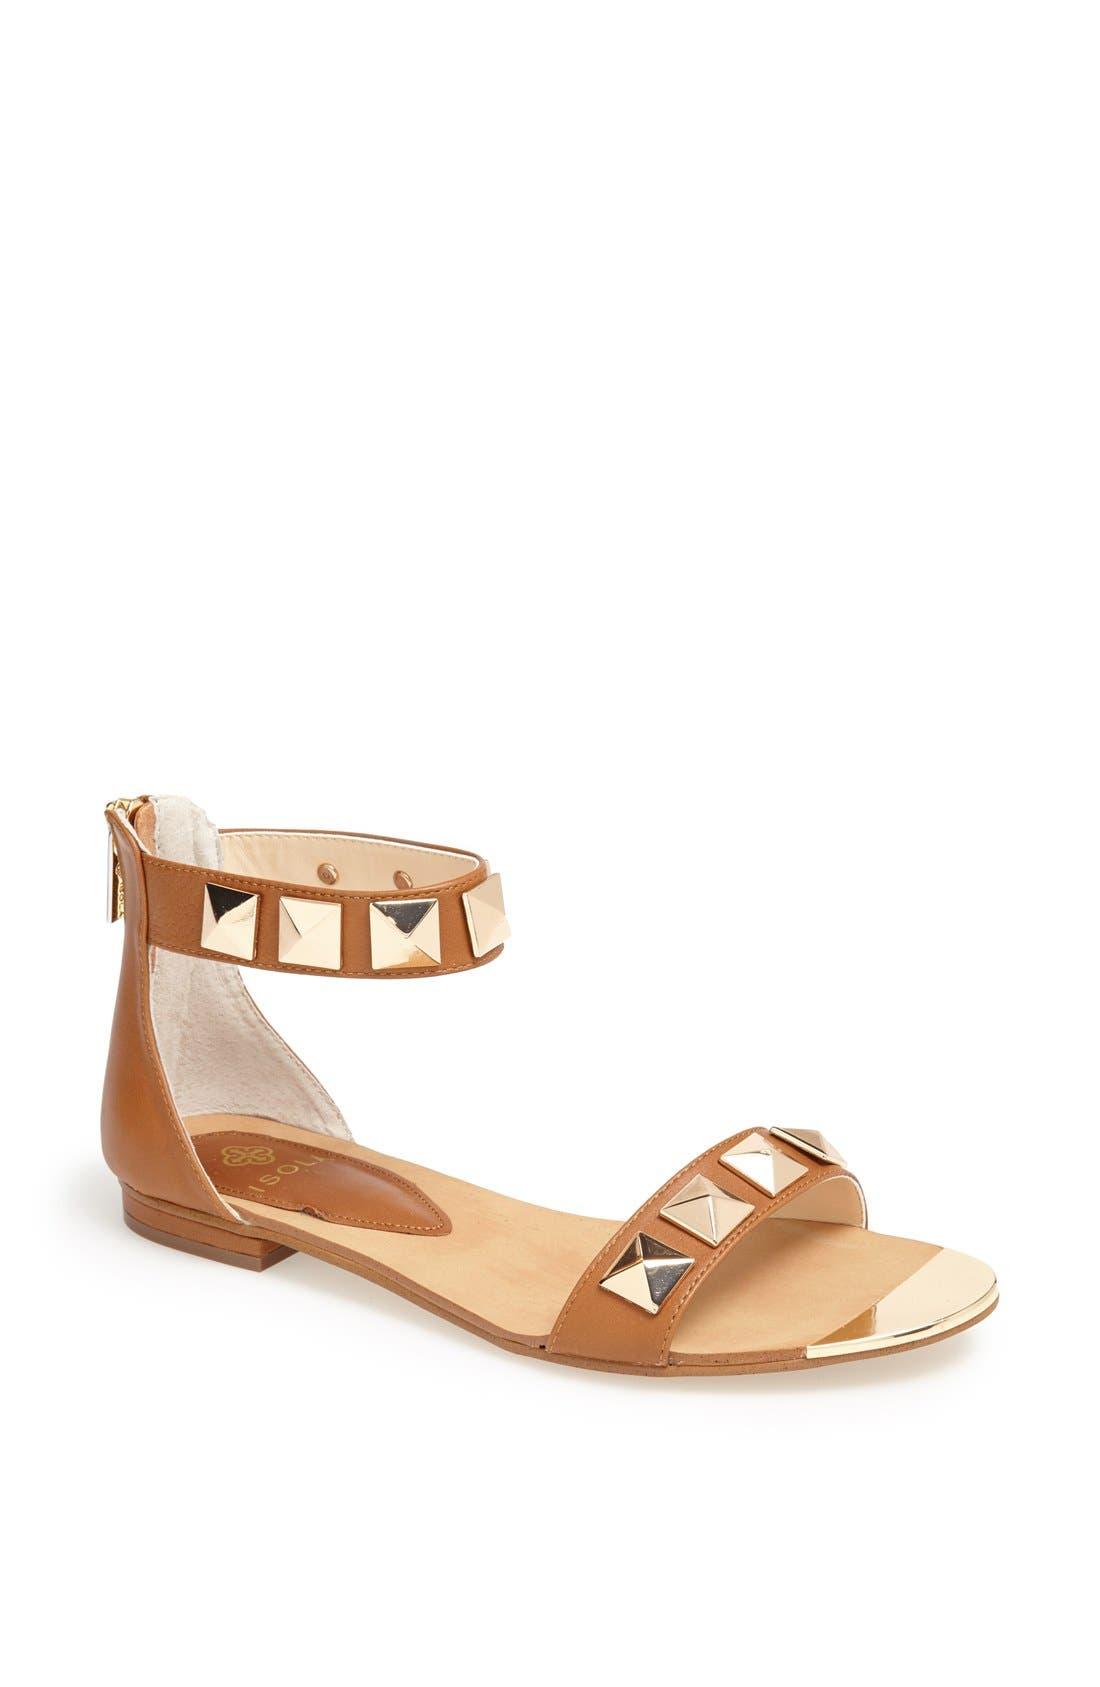 Alternate Image 1 Selected - Isolá 'Adette' Sandal